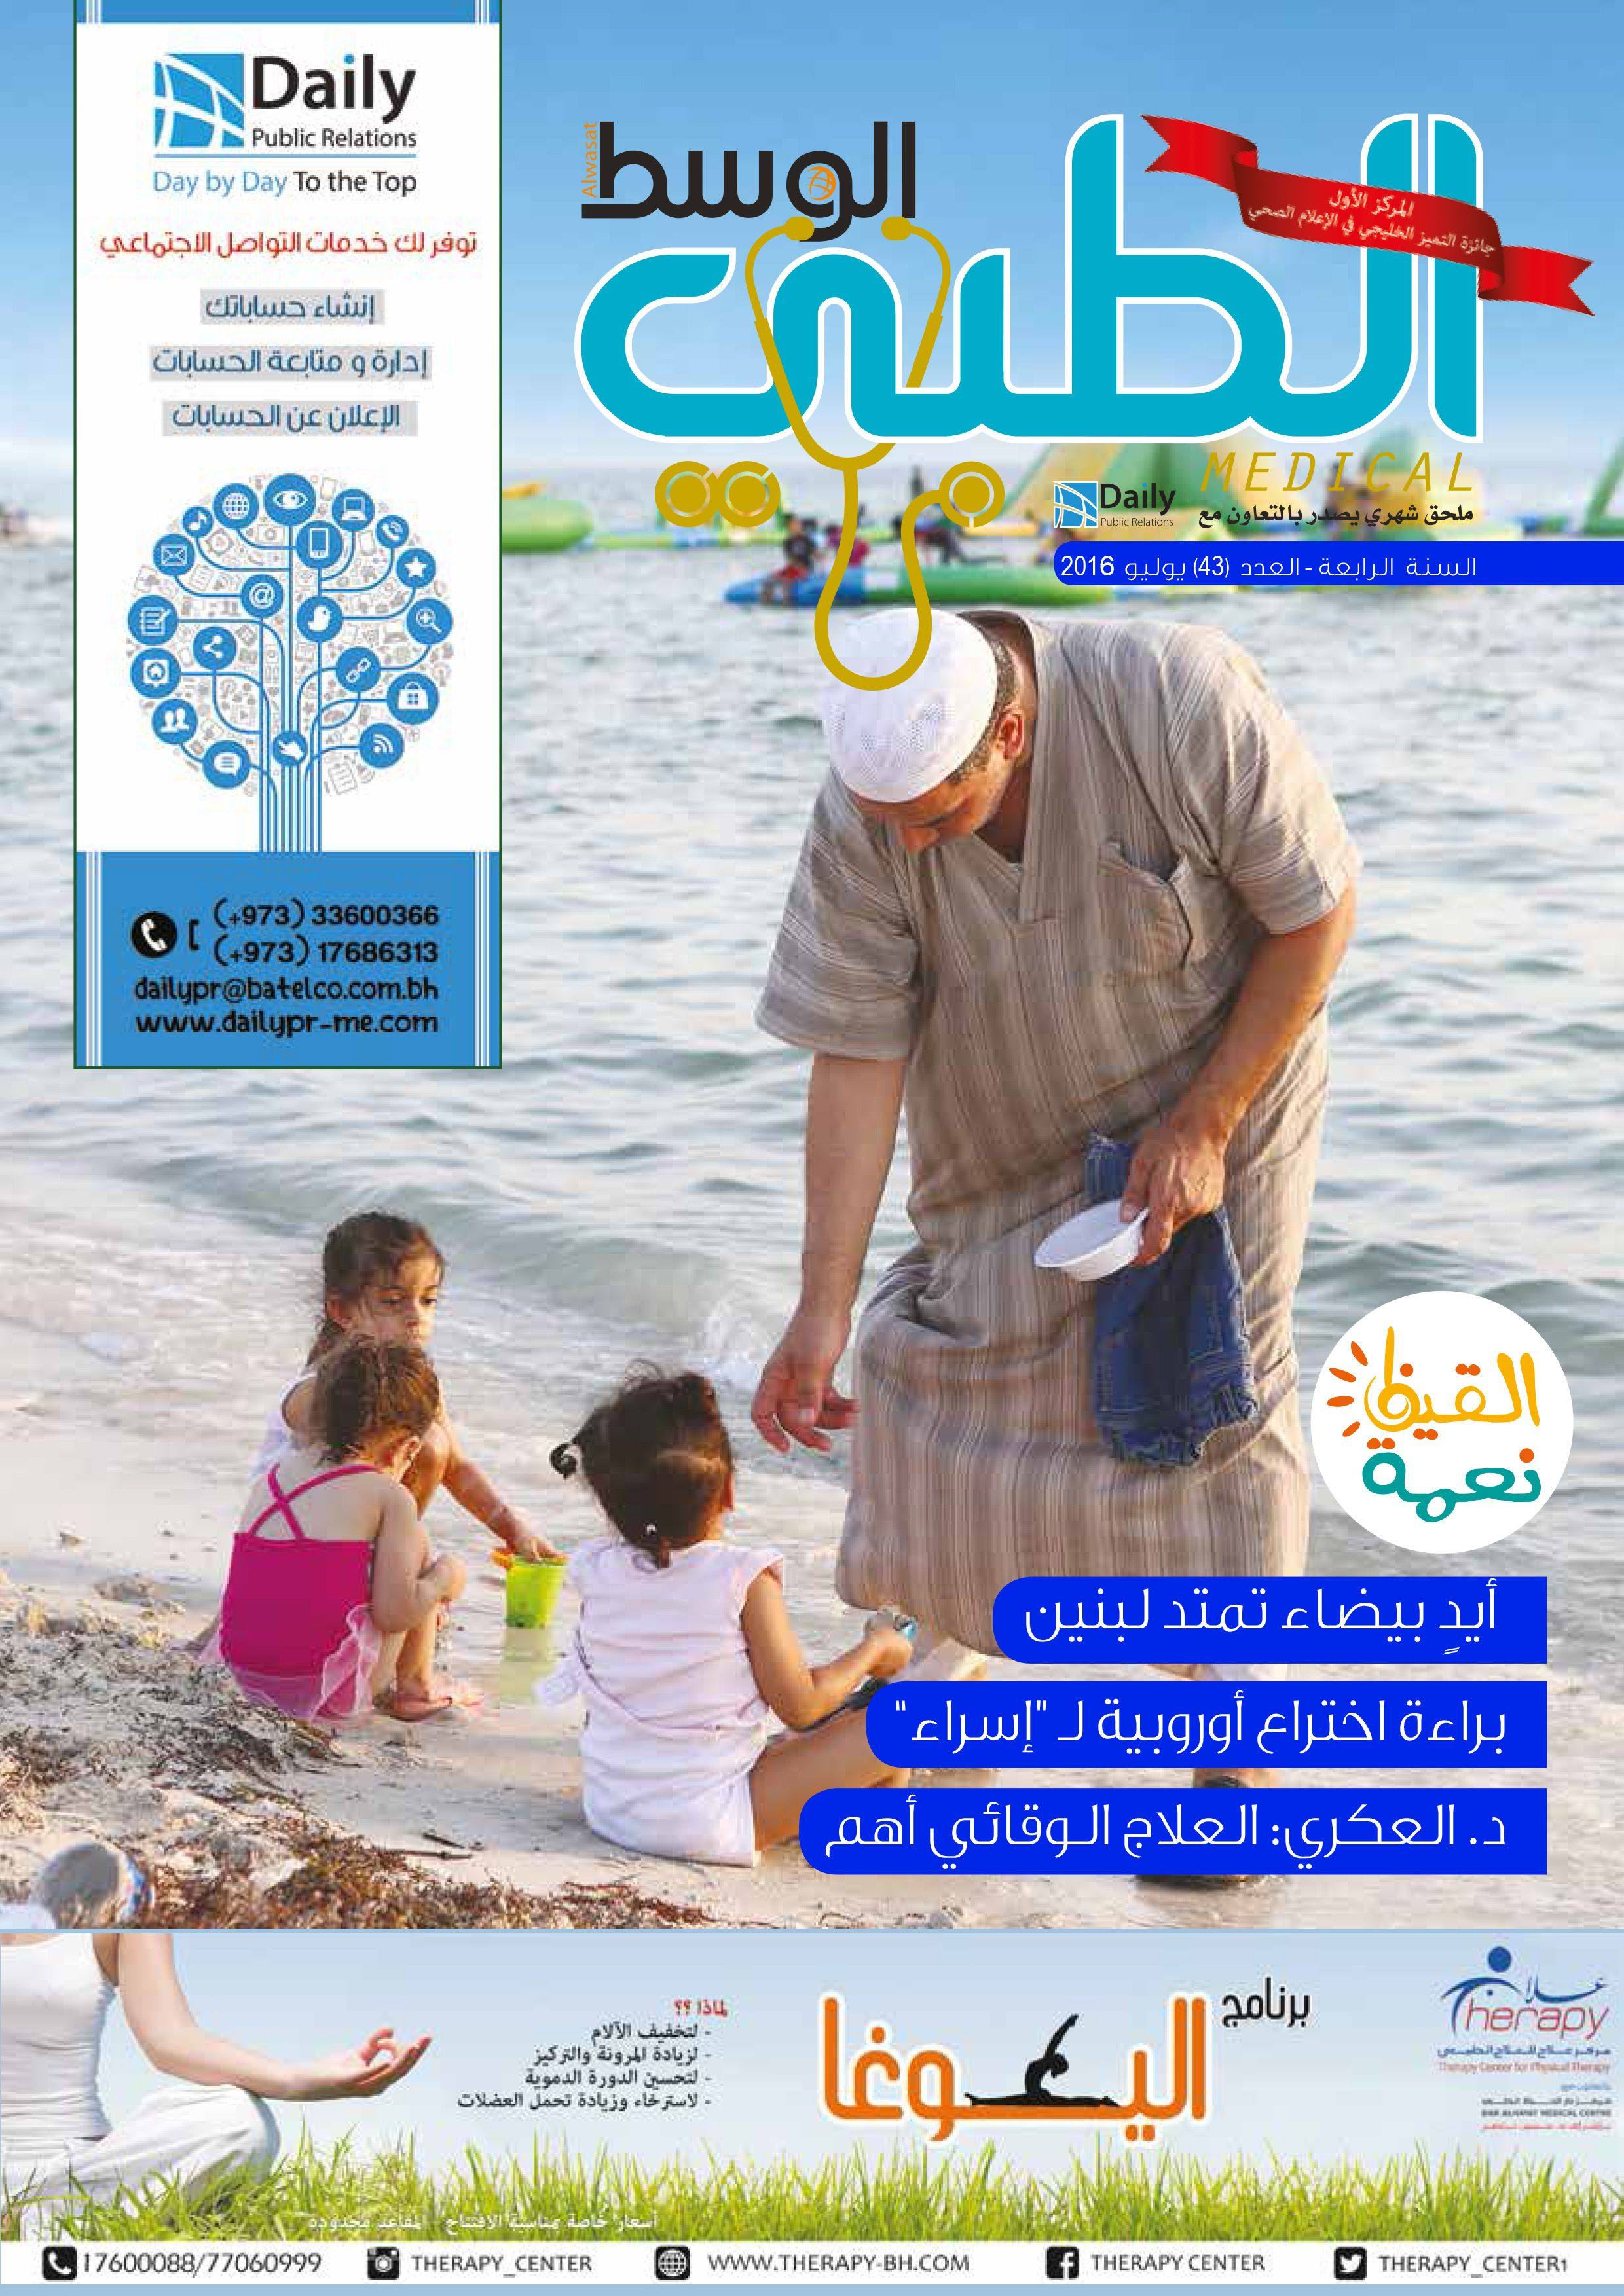 Alwasat Medical Magazine Number (43) / July 2016 العدد الثالث والأربعون من مجلة الوسط الطبي لشهر يوليو 2016.. #ديلي #العلاقات_العامة #الوسط_الطبي #البحرين #DailyPR #Bahrain #GCC #Alwasat_Medical